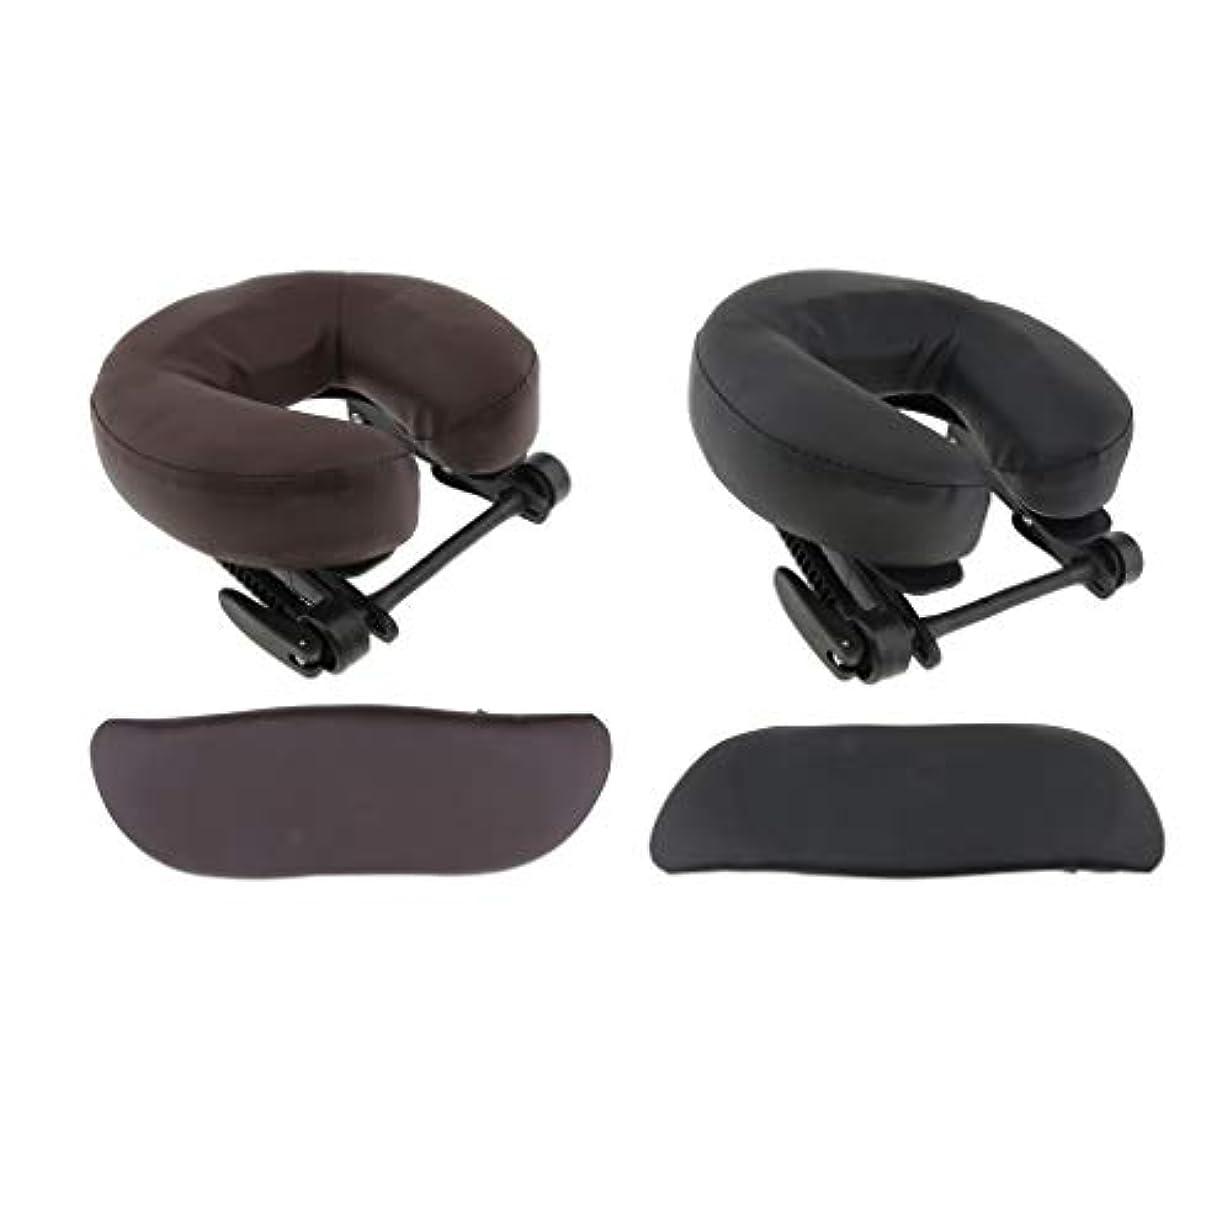 郵便知覚する合理化顔枕 マッサージ用 フェイスピロー クッション アームサポート ピロー マッサージ 全2種選択 - ブラウン+ブラック